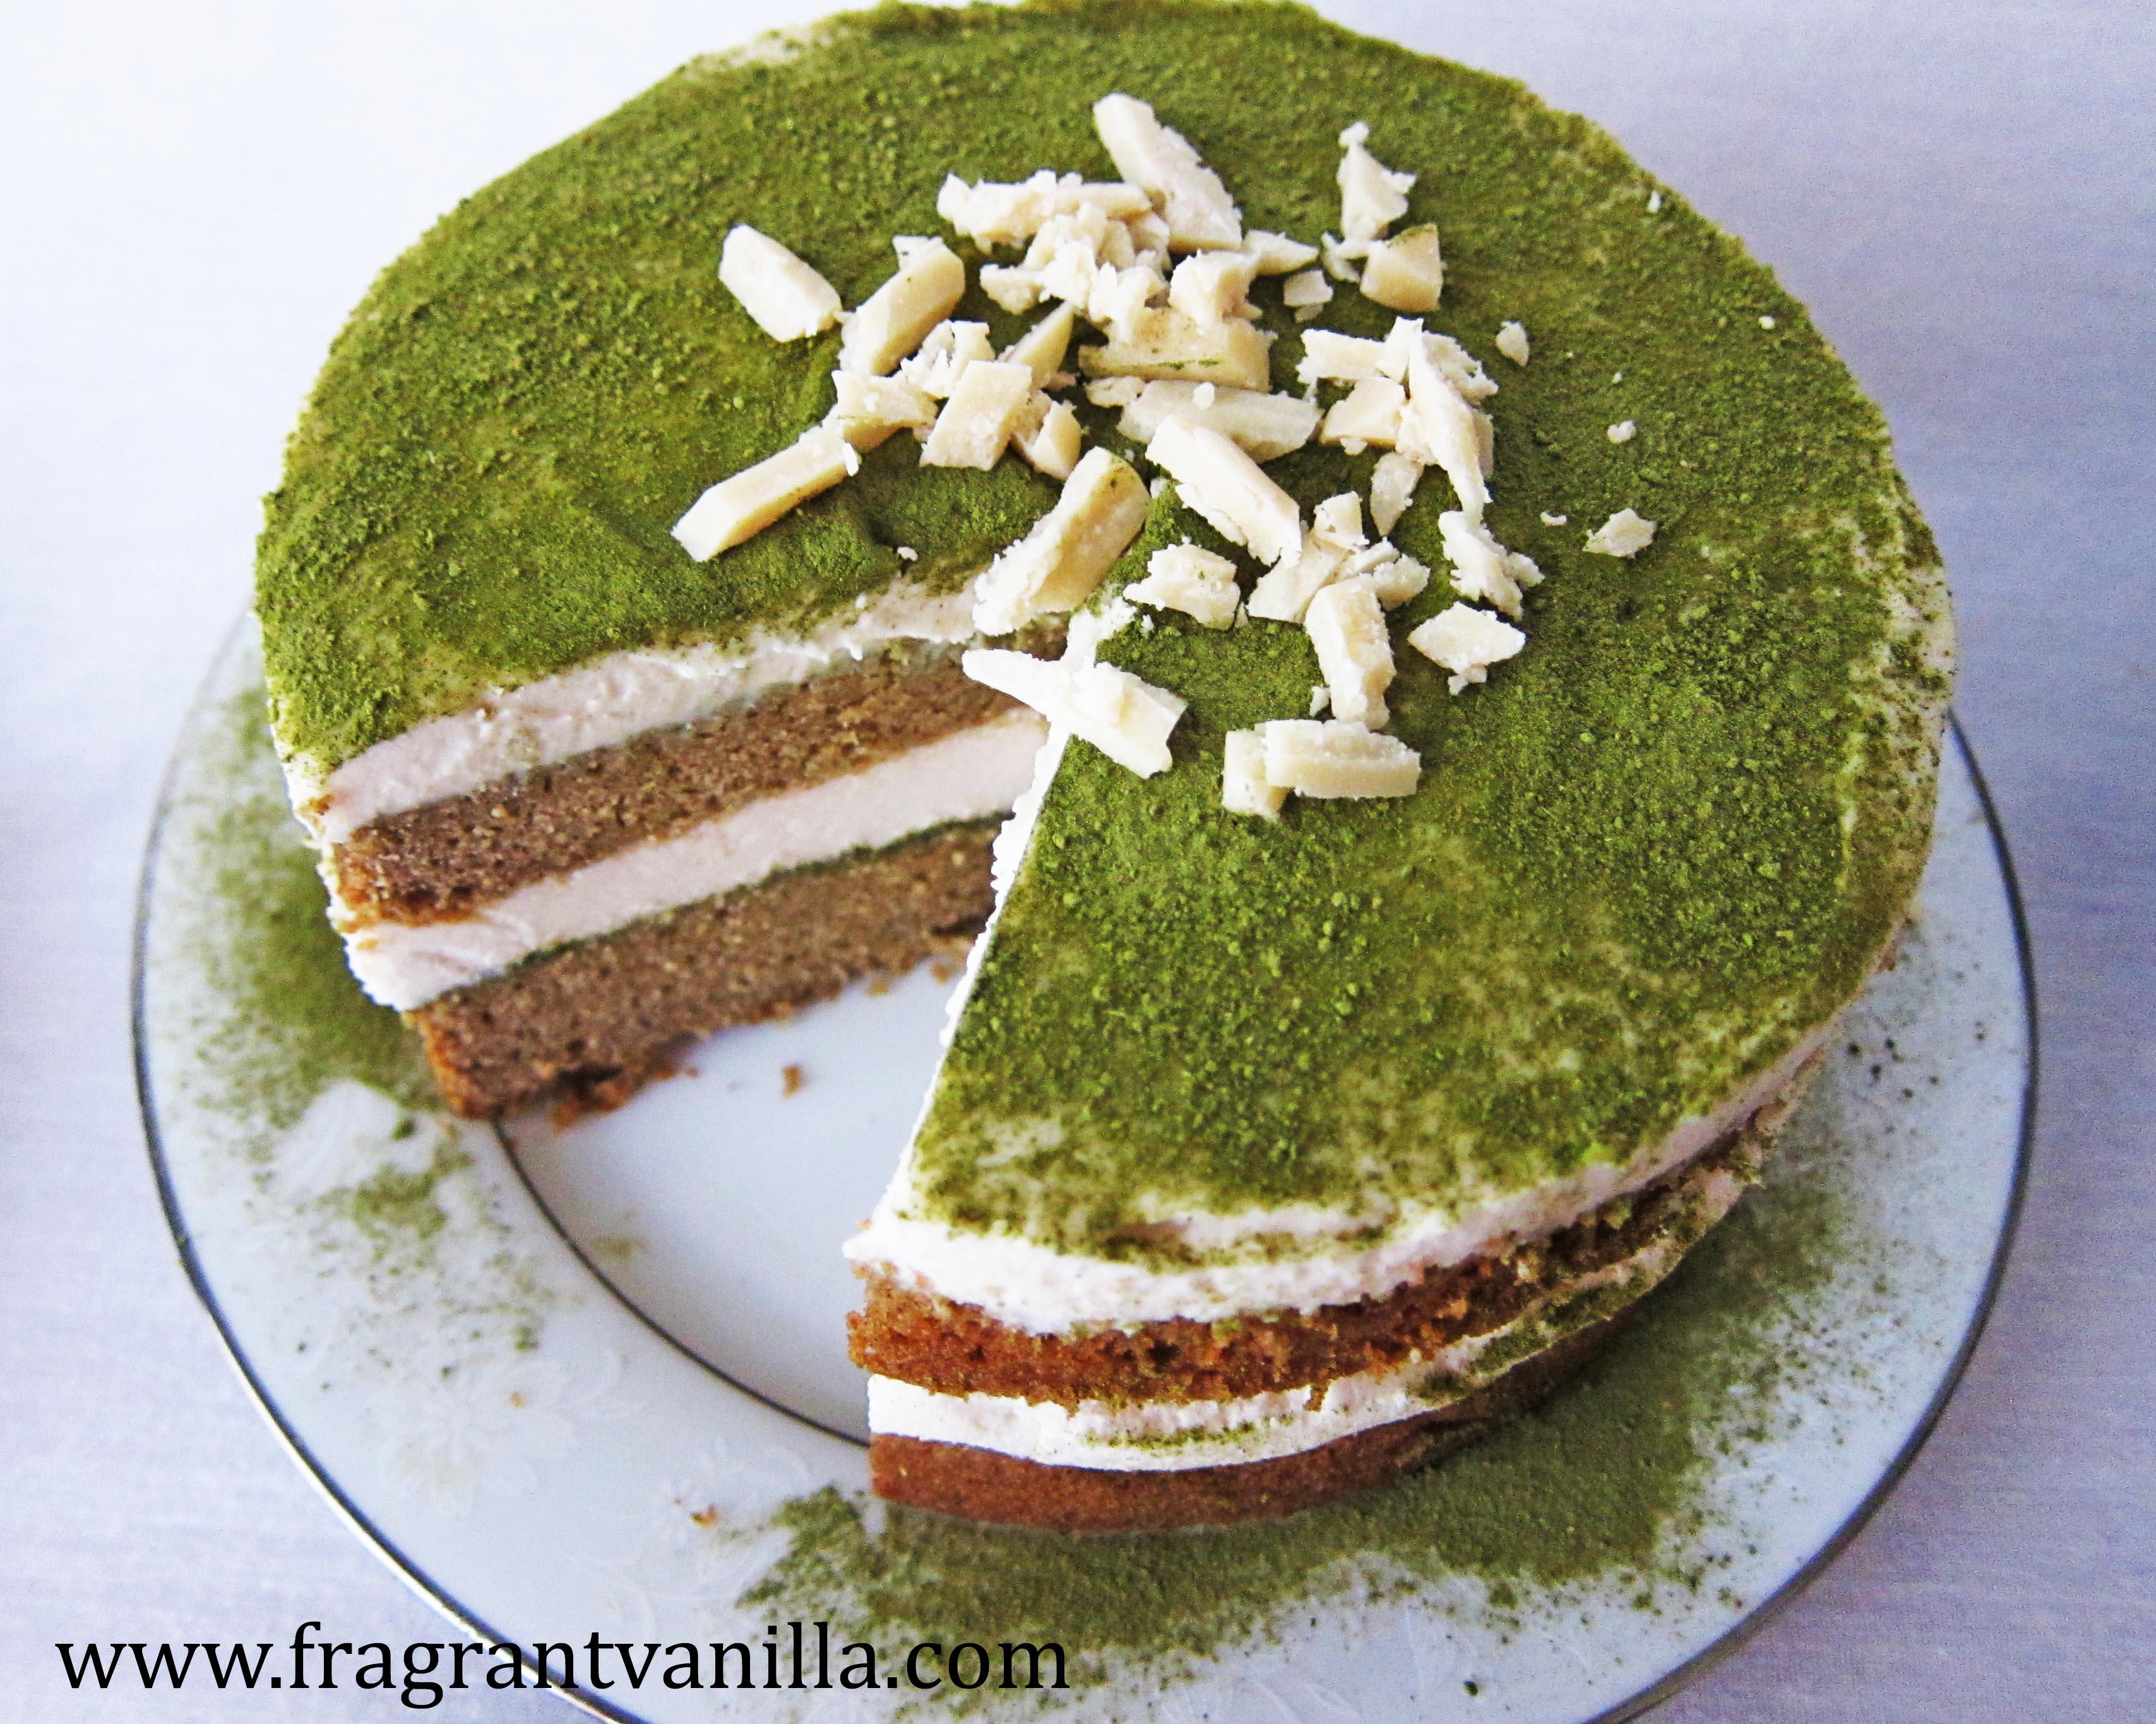 VeganMatcha White Chocolate Tiramisu Cake